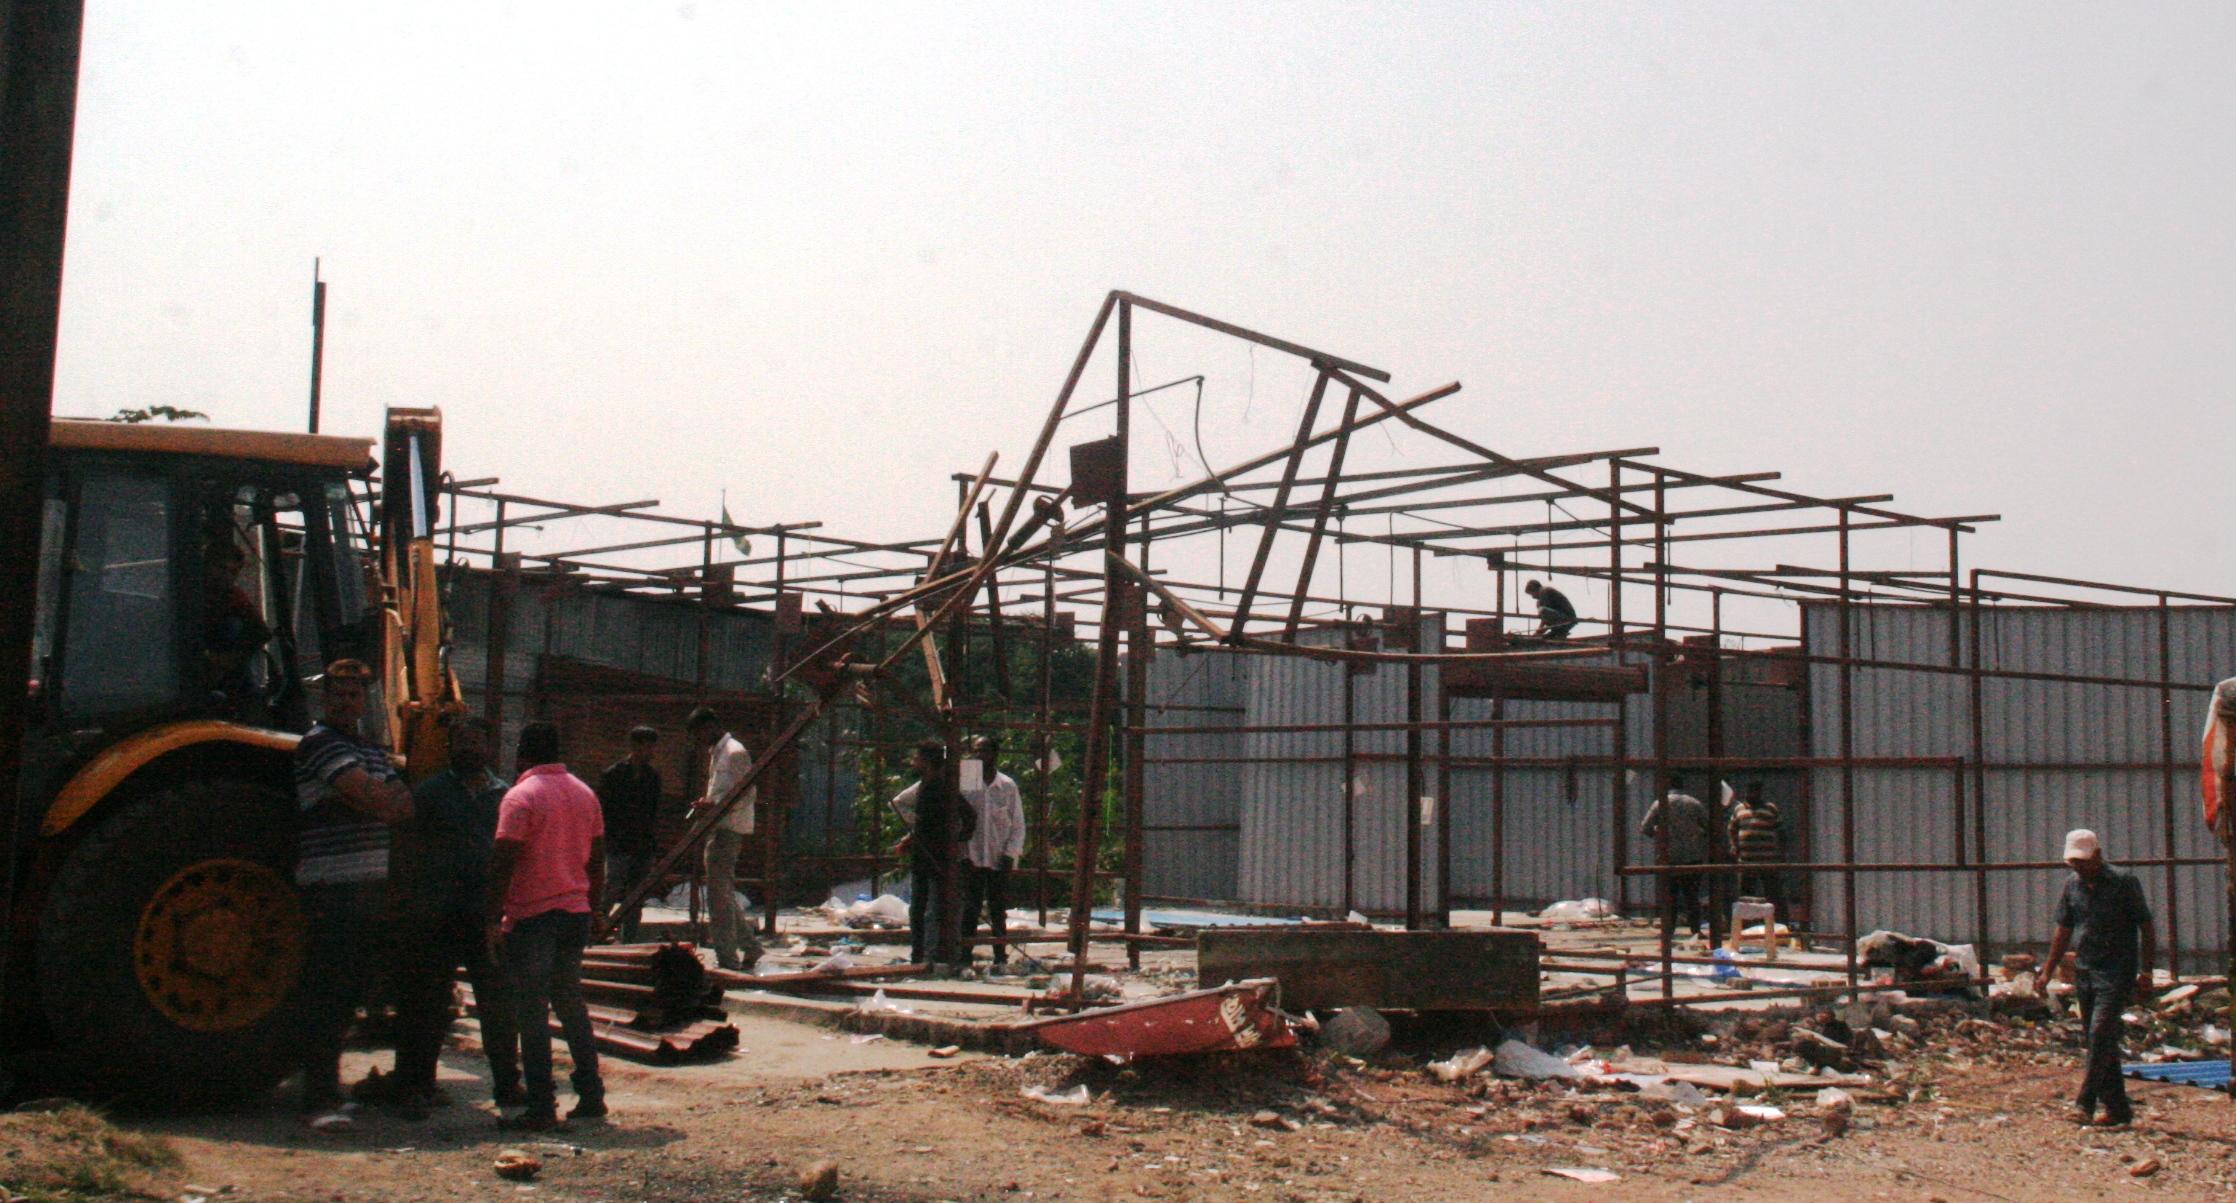 भोसरी येथील अनधिकृत टपर्या व पत्राशेडवर कारवाई : 130 टपर्या व पत्राशेड जमीनदोस्त